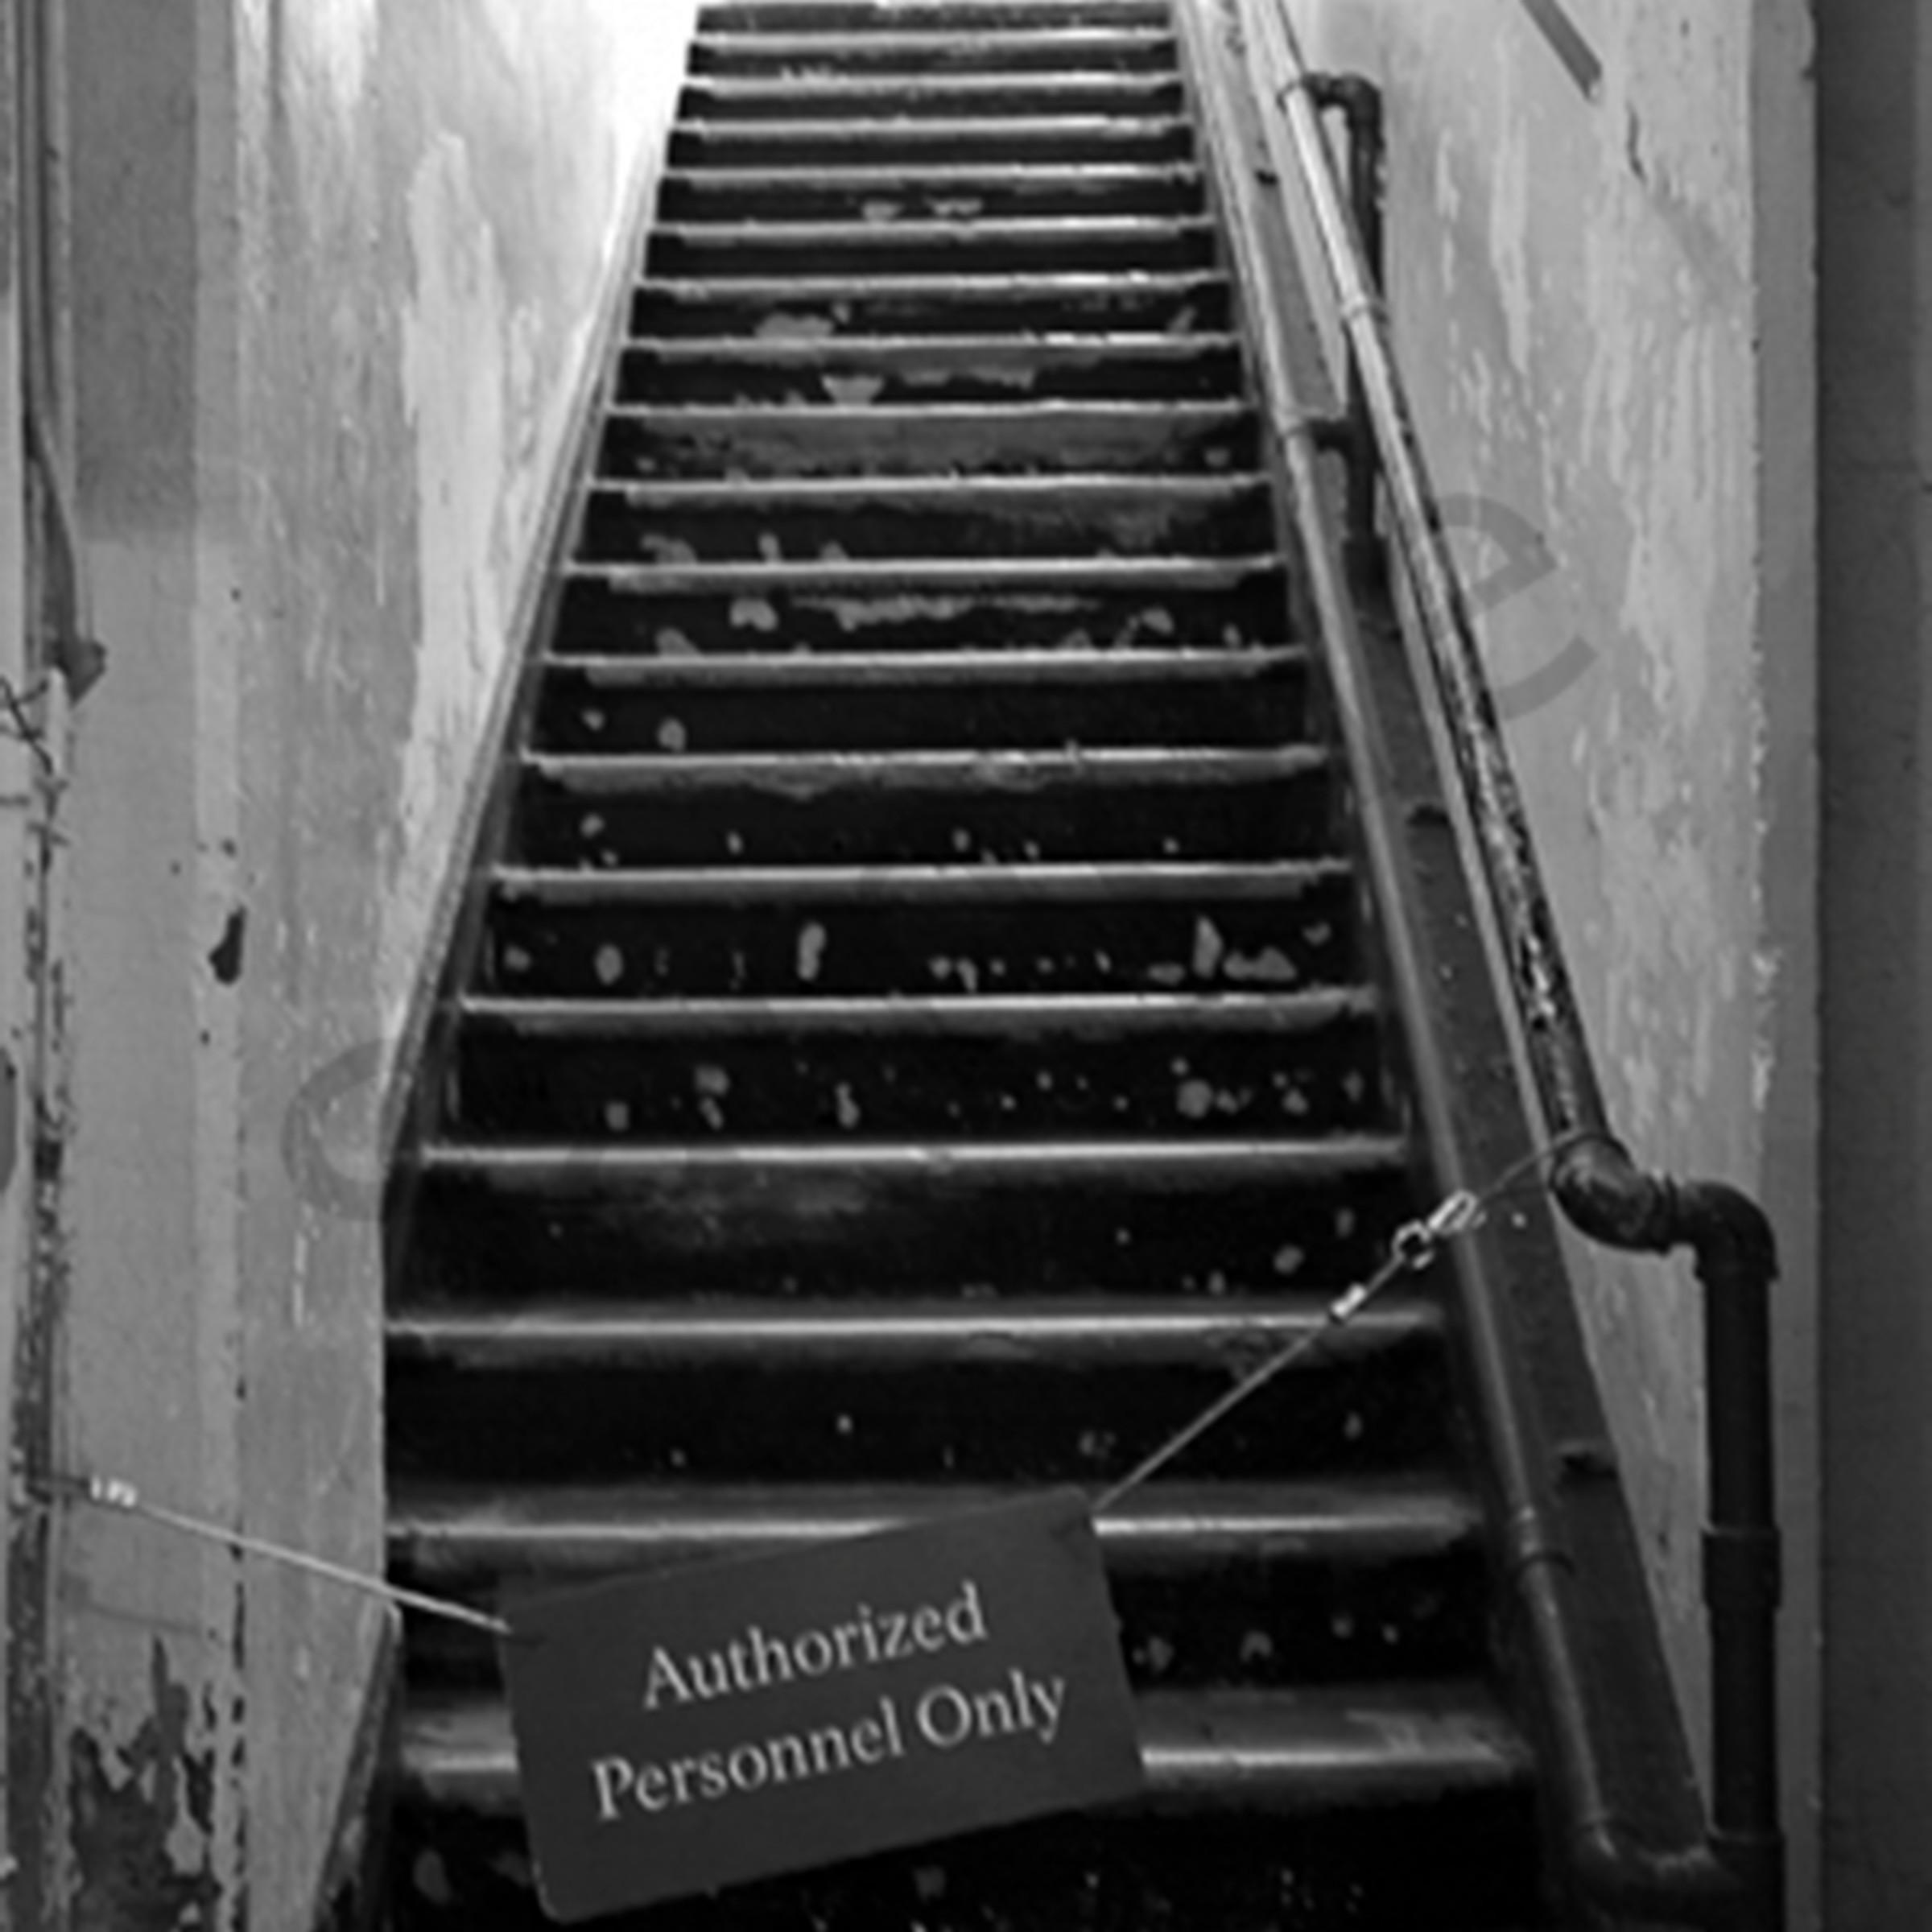 Stairs larrain v1ywfz